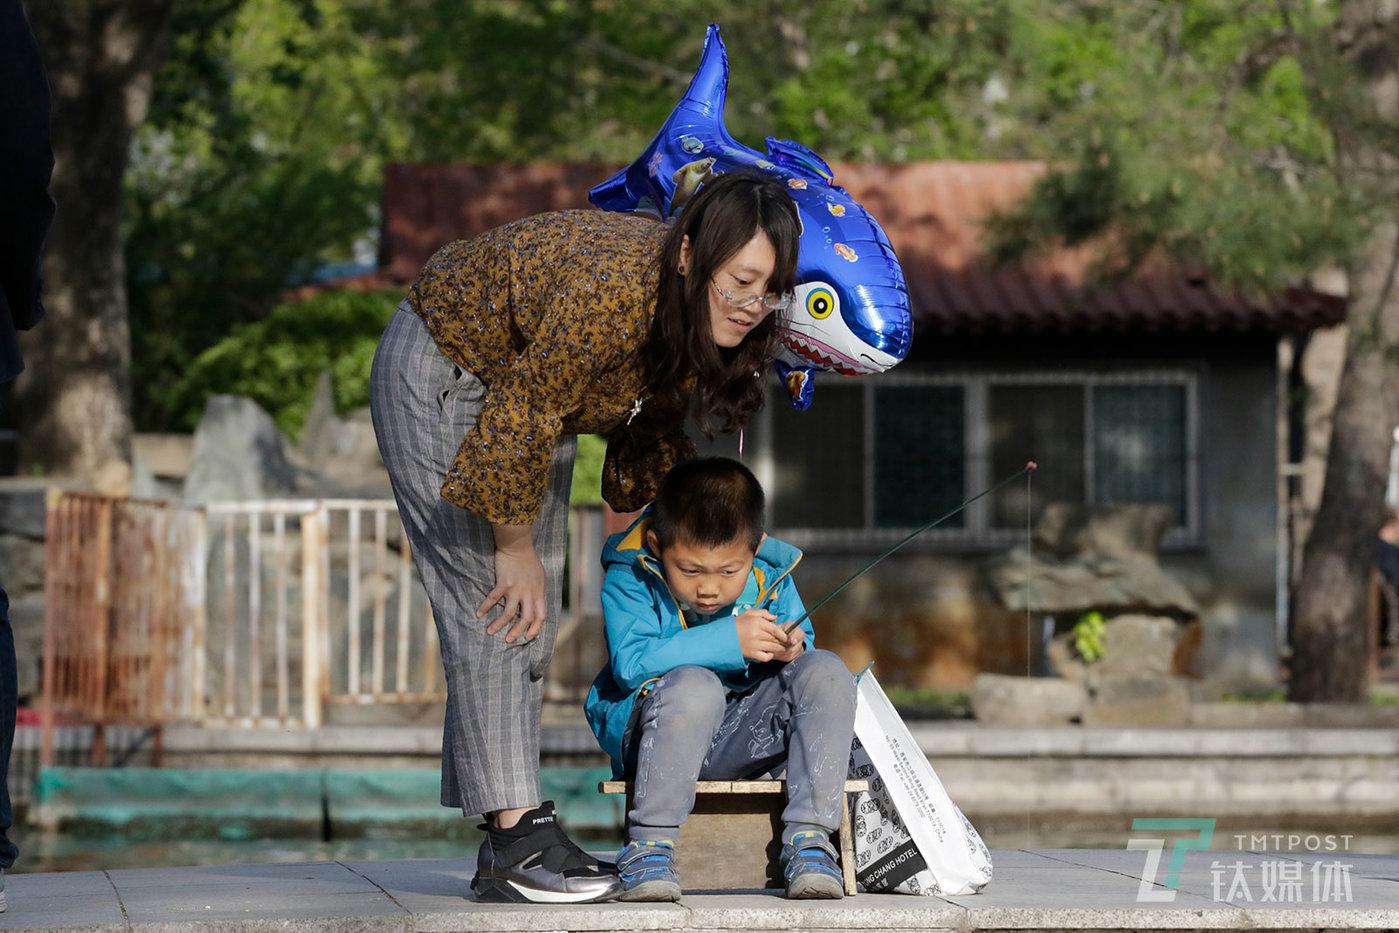 【钓鱼】4月15日,北京日坛公园,一位母亲陪孩子钓鱼。